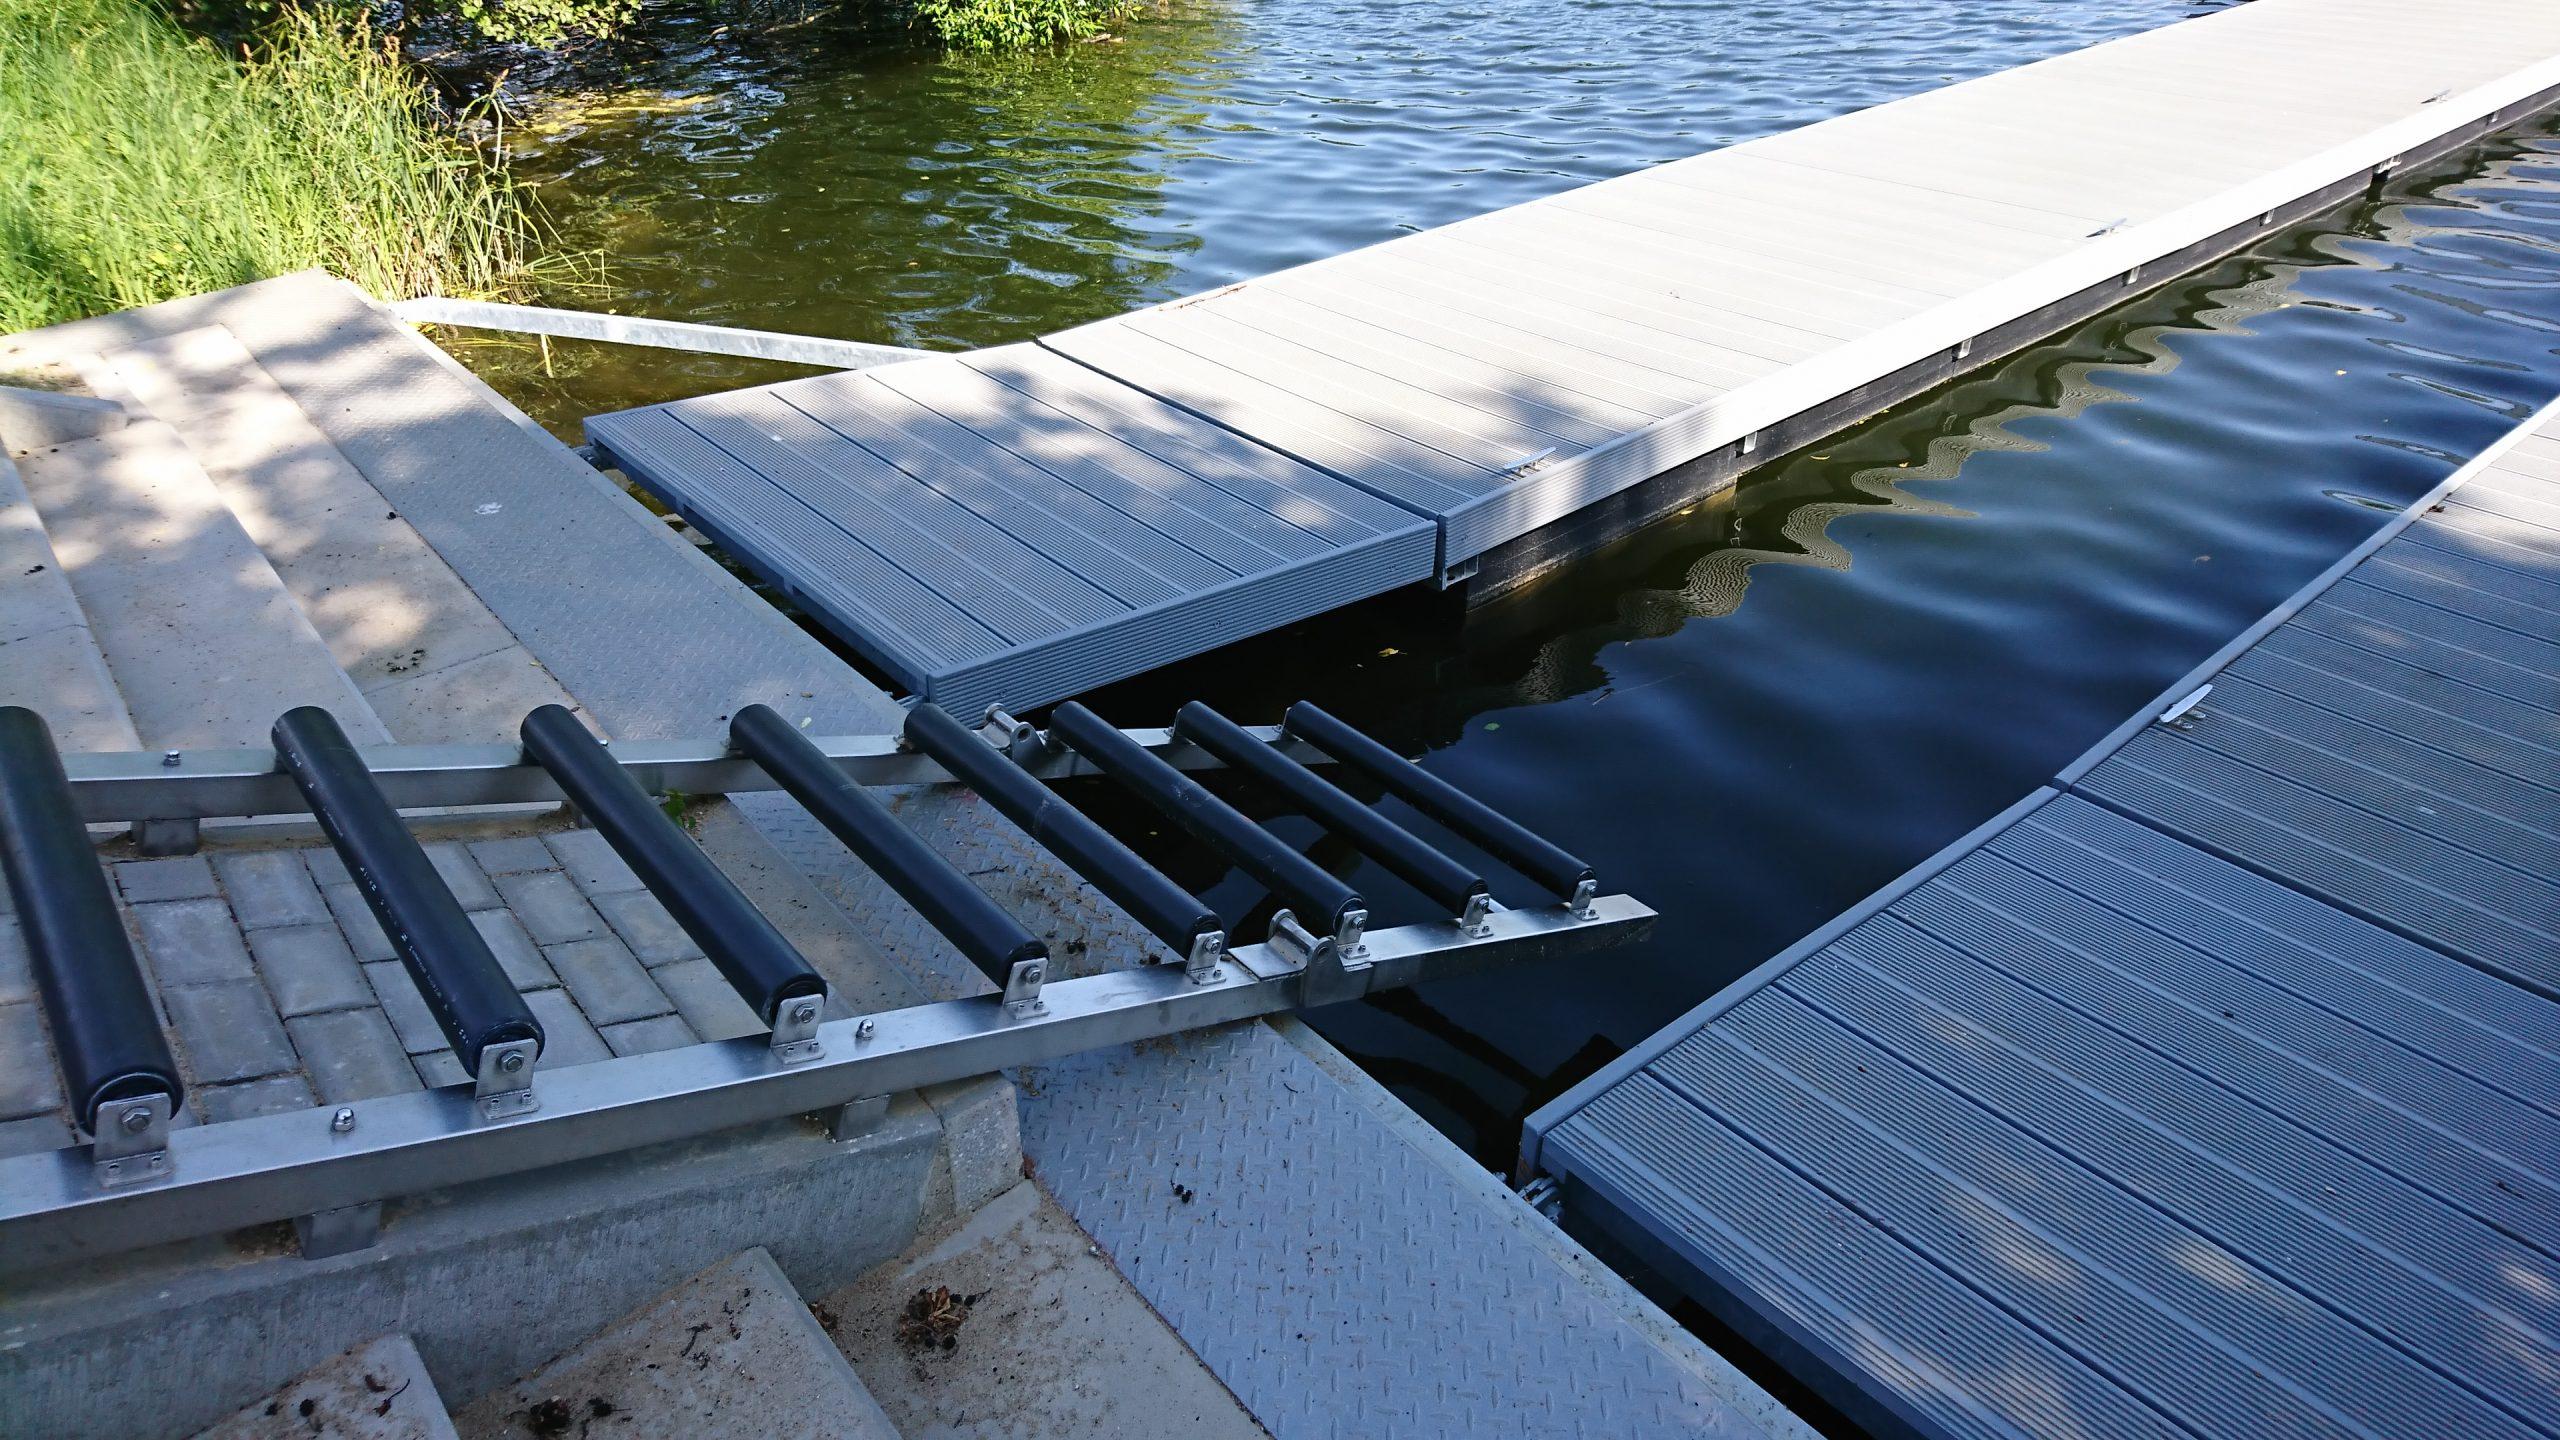 Nahaufnahme eines Schwimmsteges mit zentralem Kanueinlass